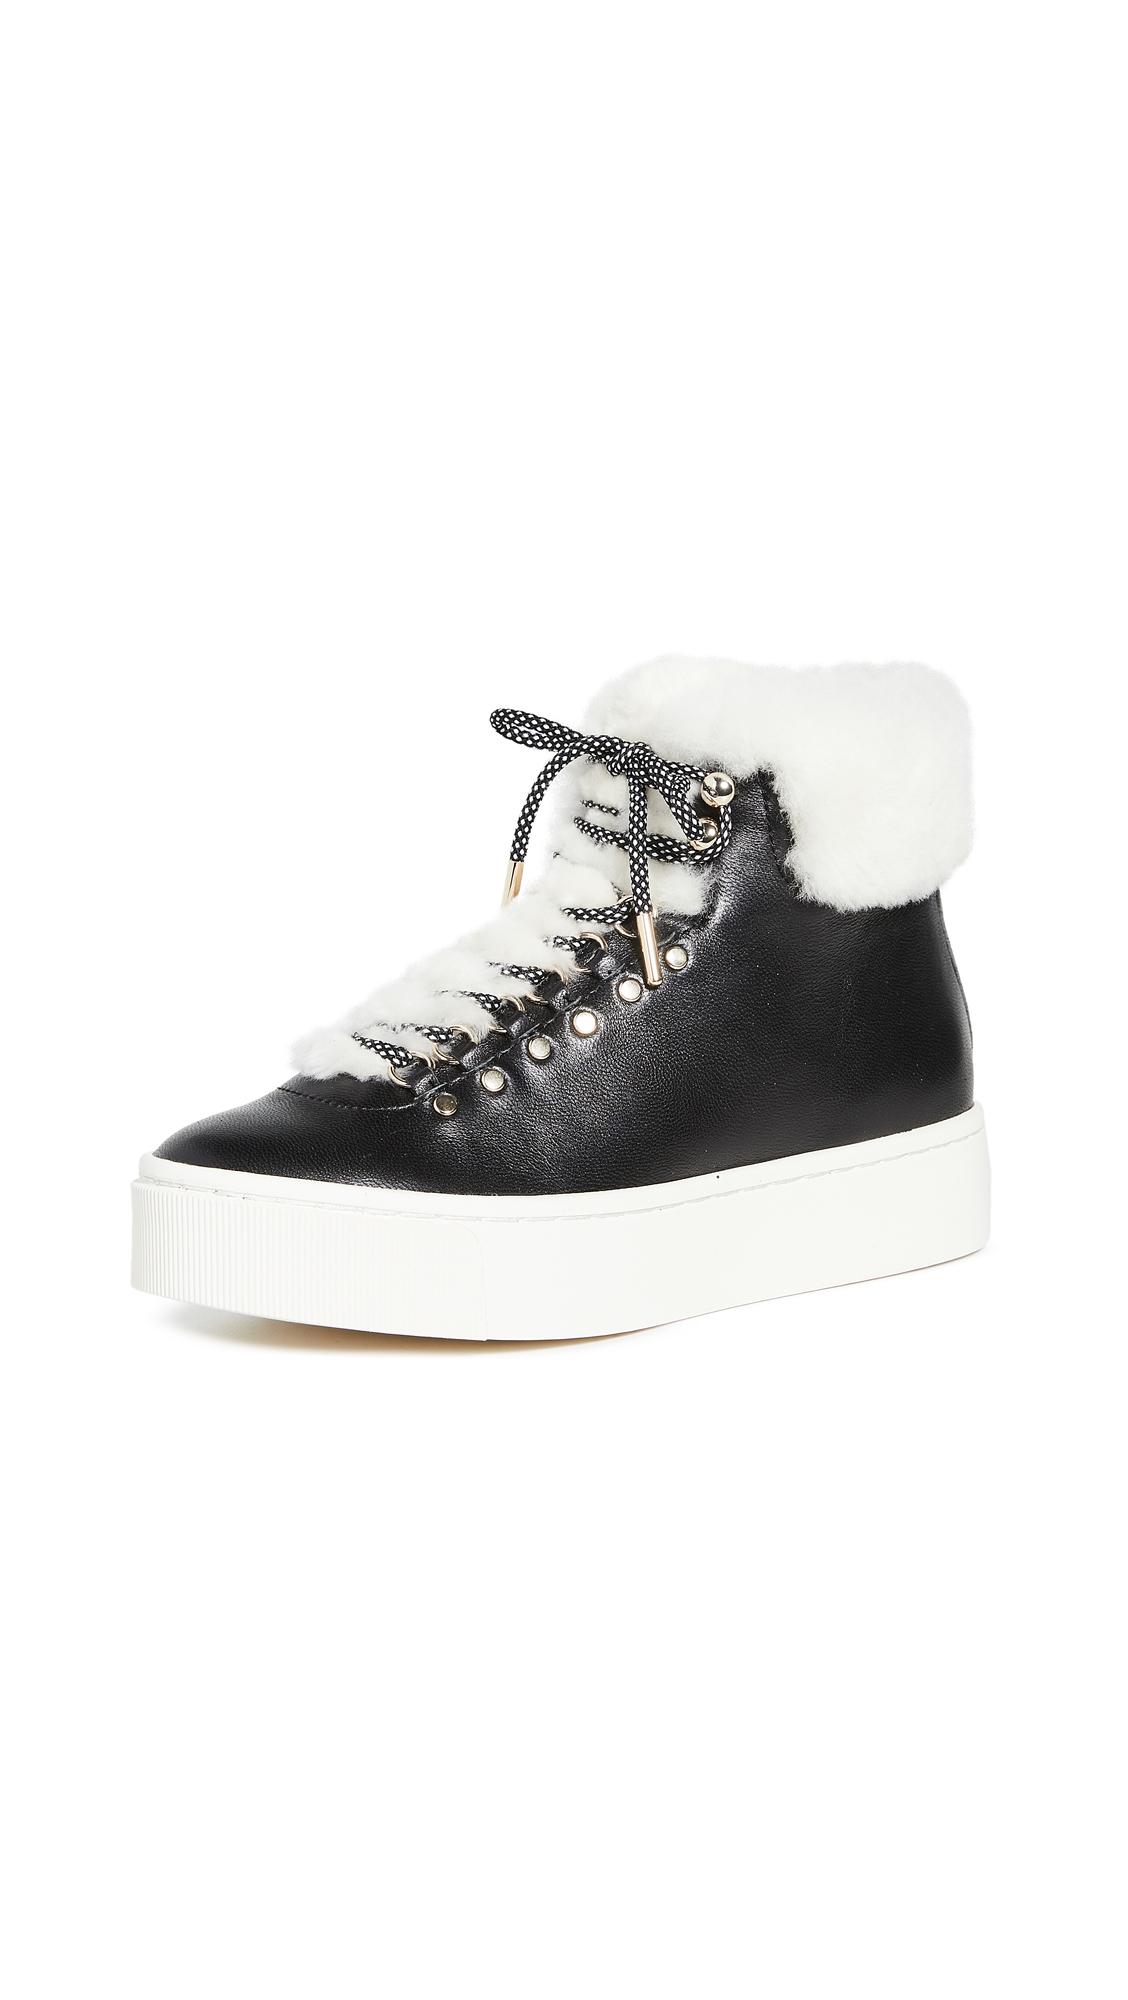 Joie Handan High Top Sneakers – 60% Off Sale